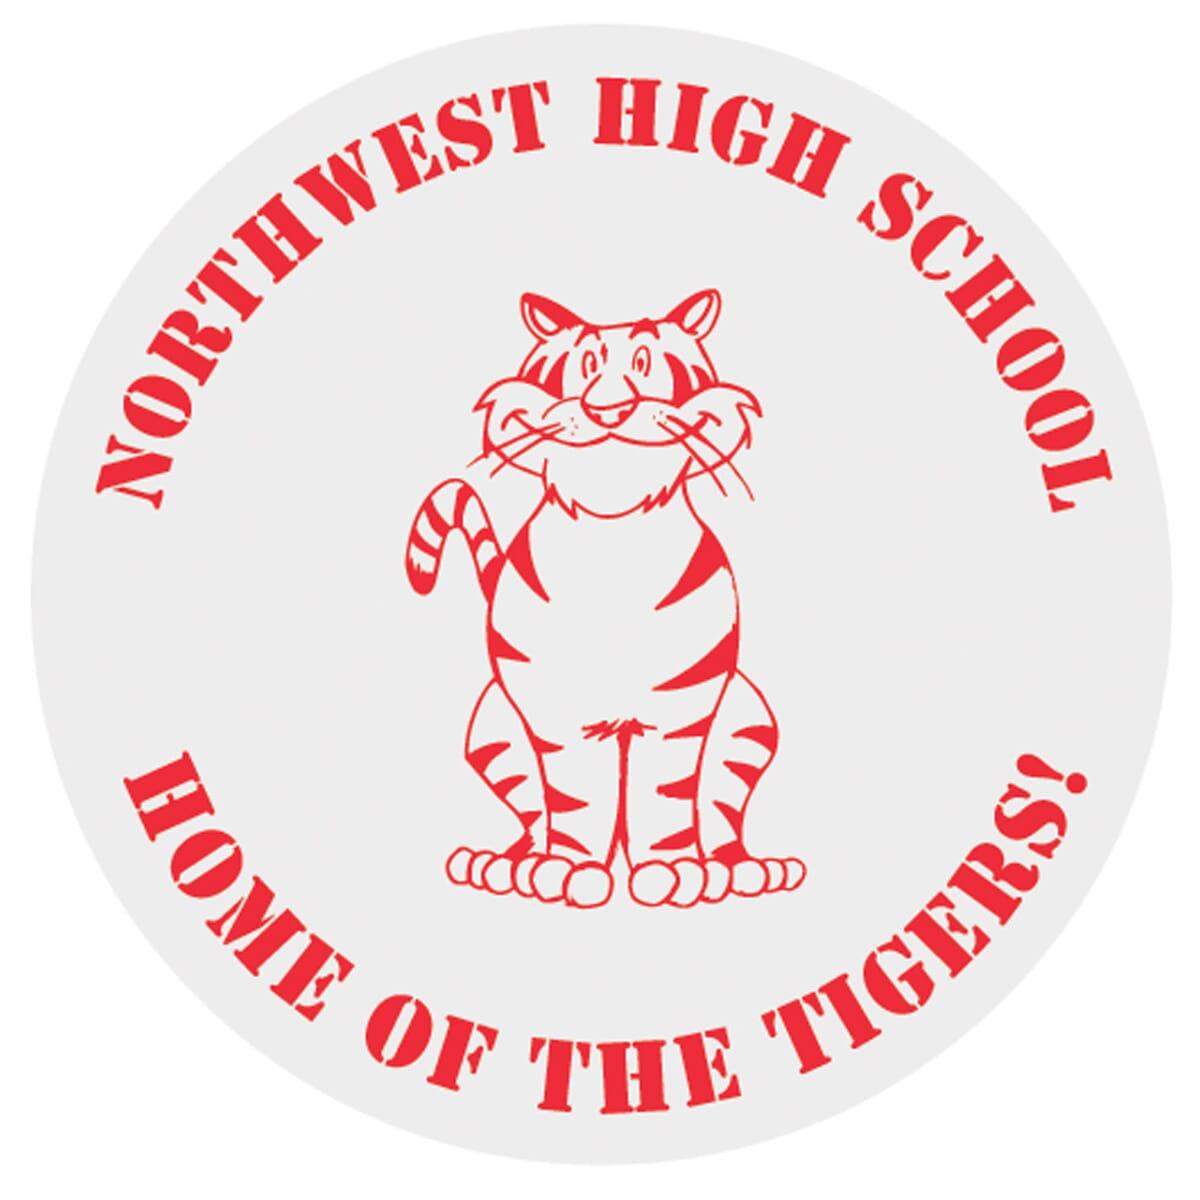 Red and white school spirit sticker